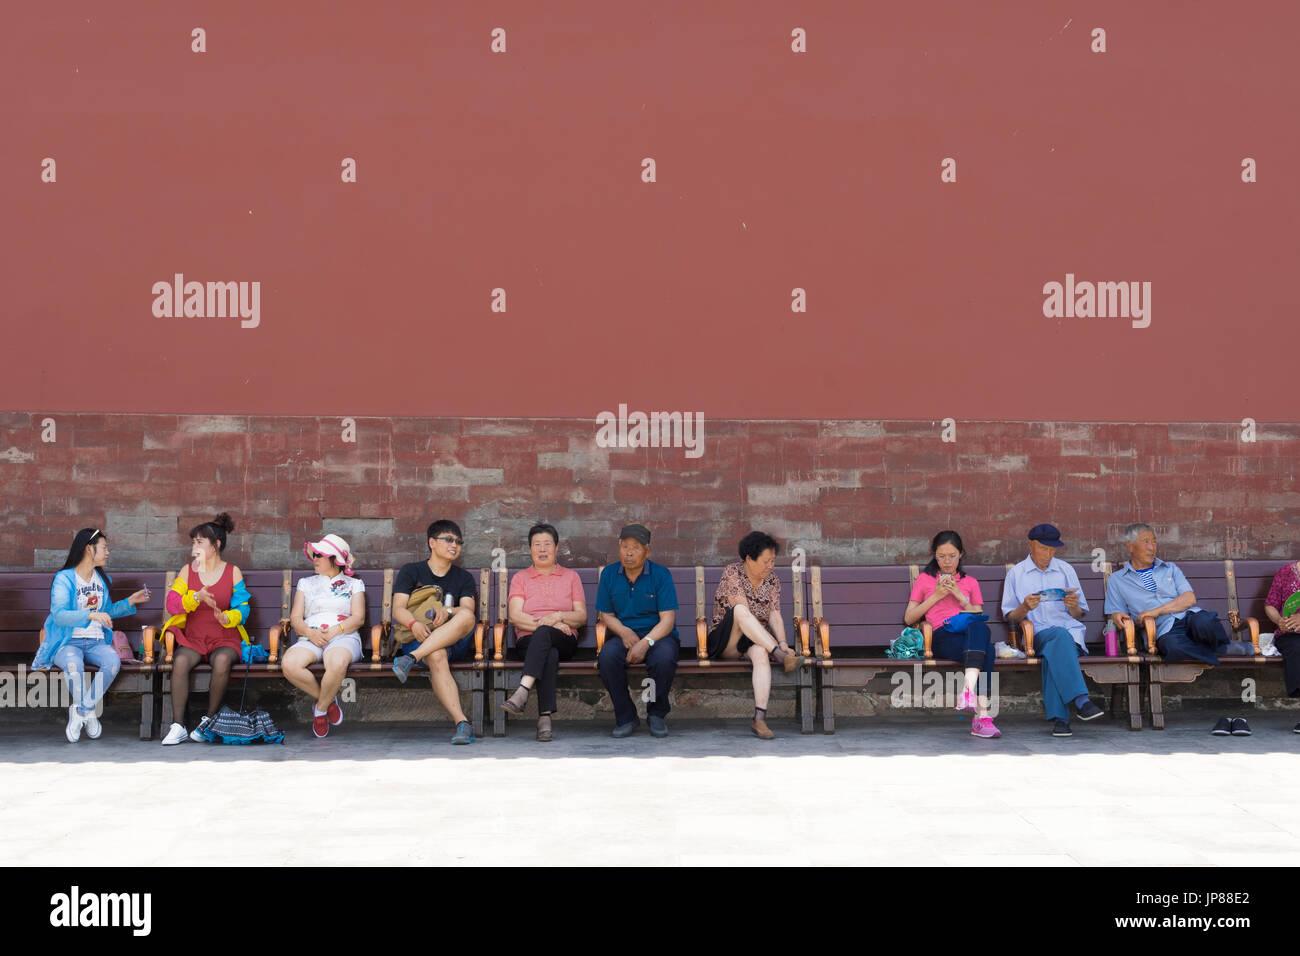 Chinesische Touristen aller Altersgruppen sitzen auf Bank am verbotenen Stadt in Peking - einige ruhen, einige sprechen, eine auf ihr Handy Stockbild